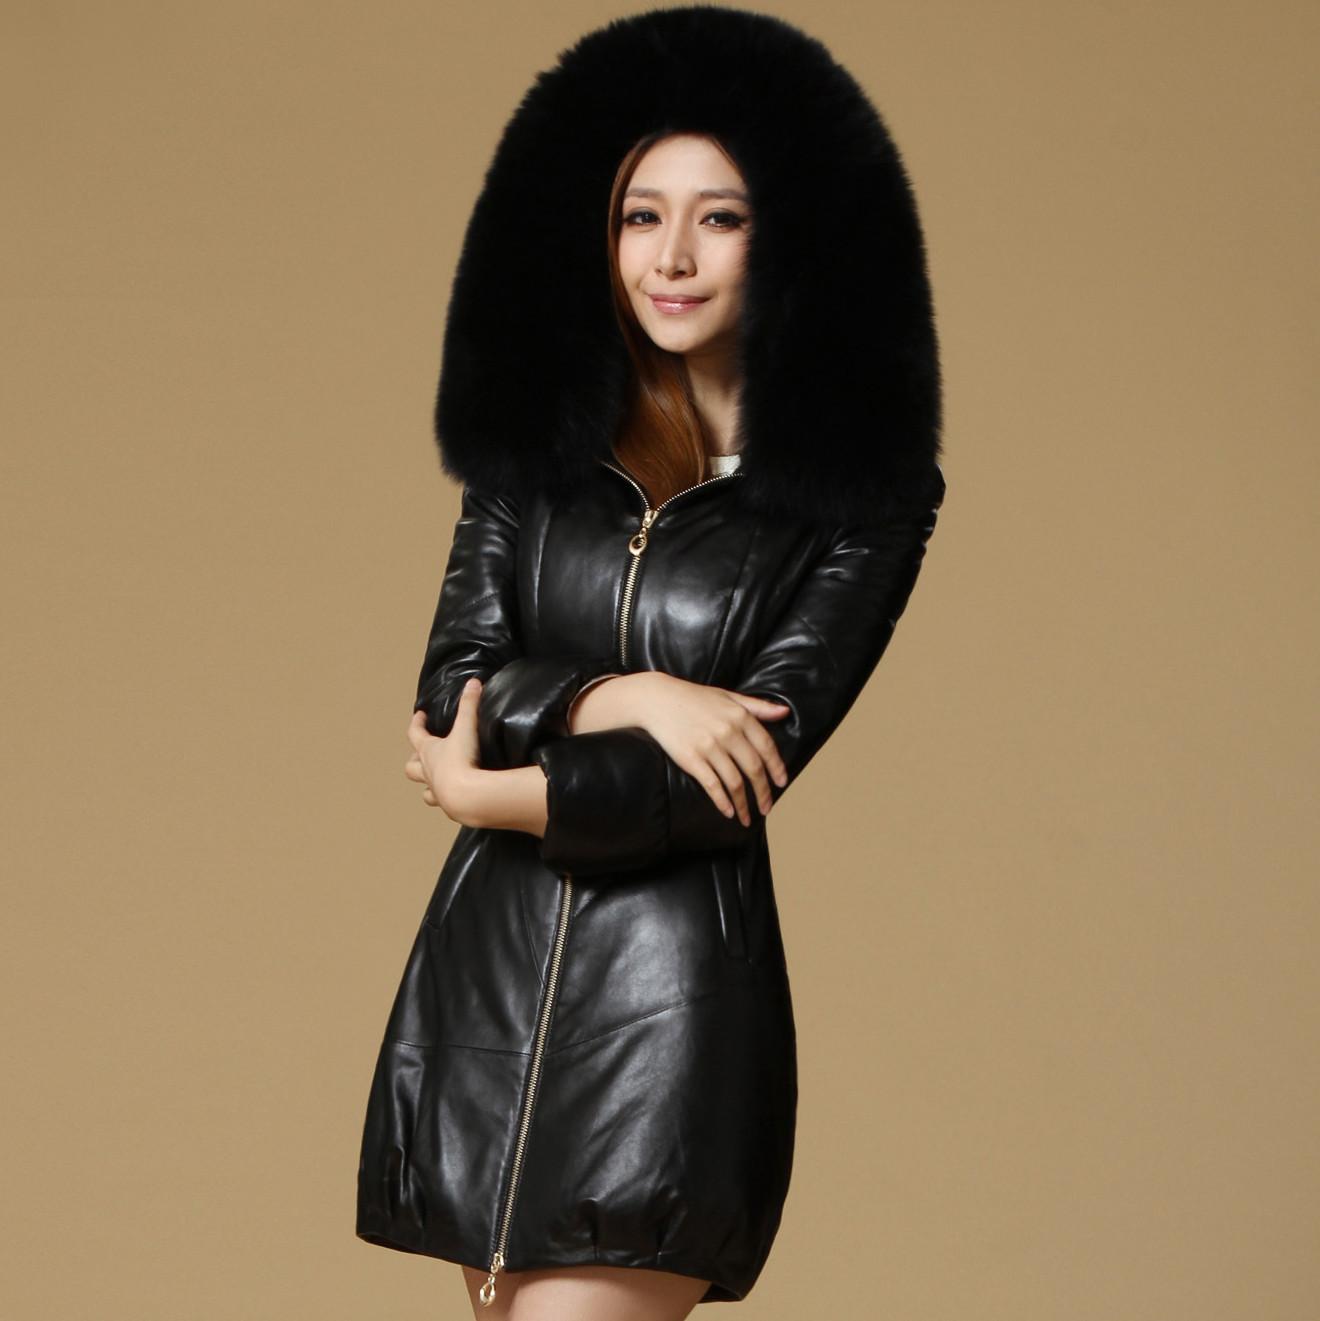 芭歌海宁皮衣2013新款真皮羽绒女士中长款狐狸毛领绵羊皮真皮皮衣 价格:1750.00